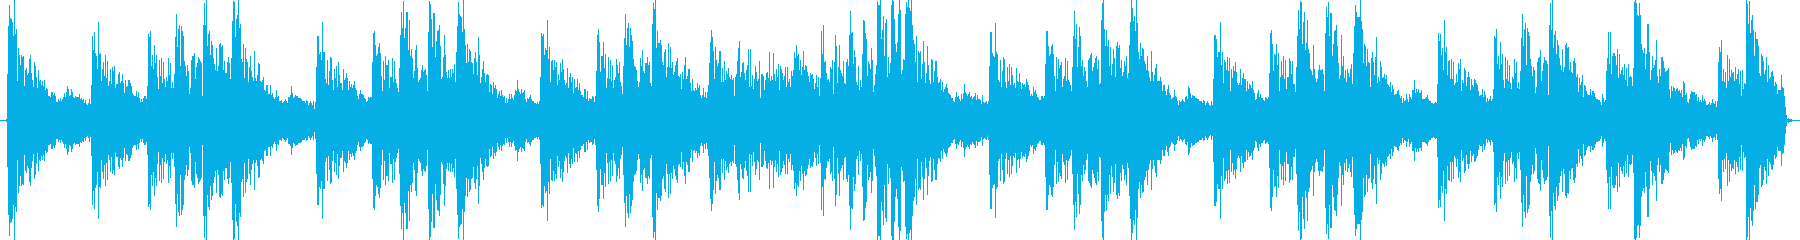 和風ループ音源の再生済みの波形